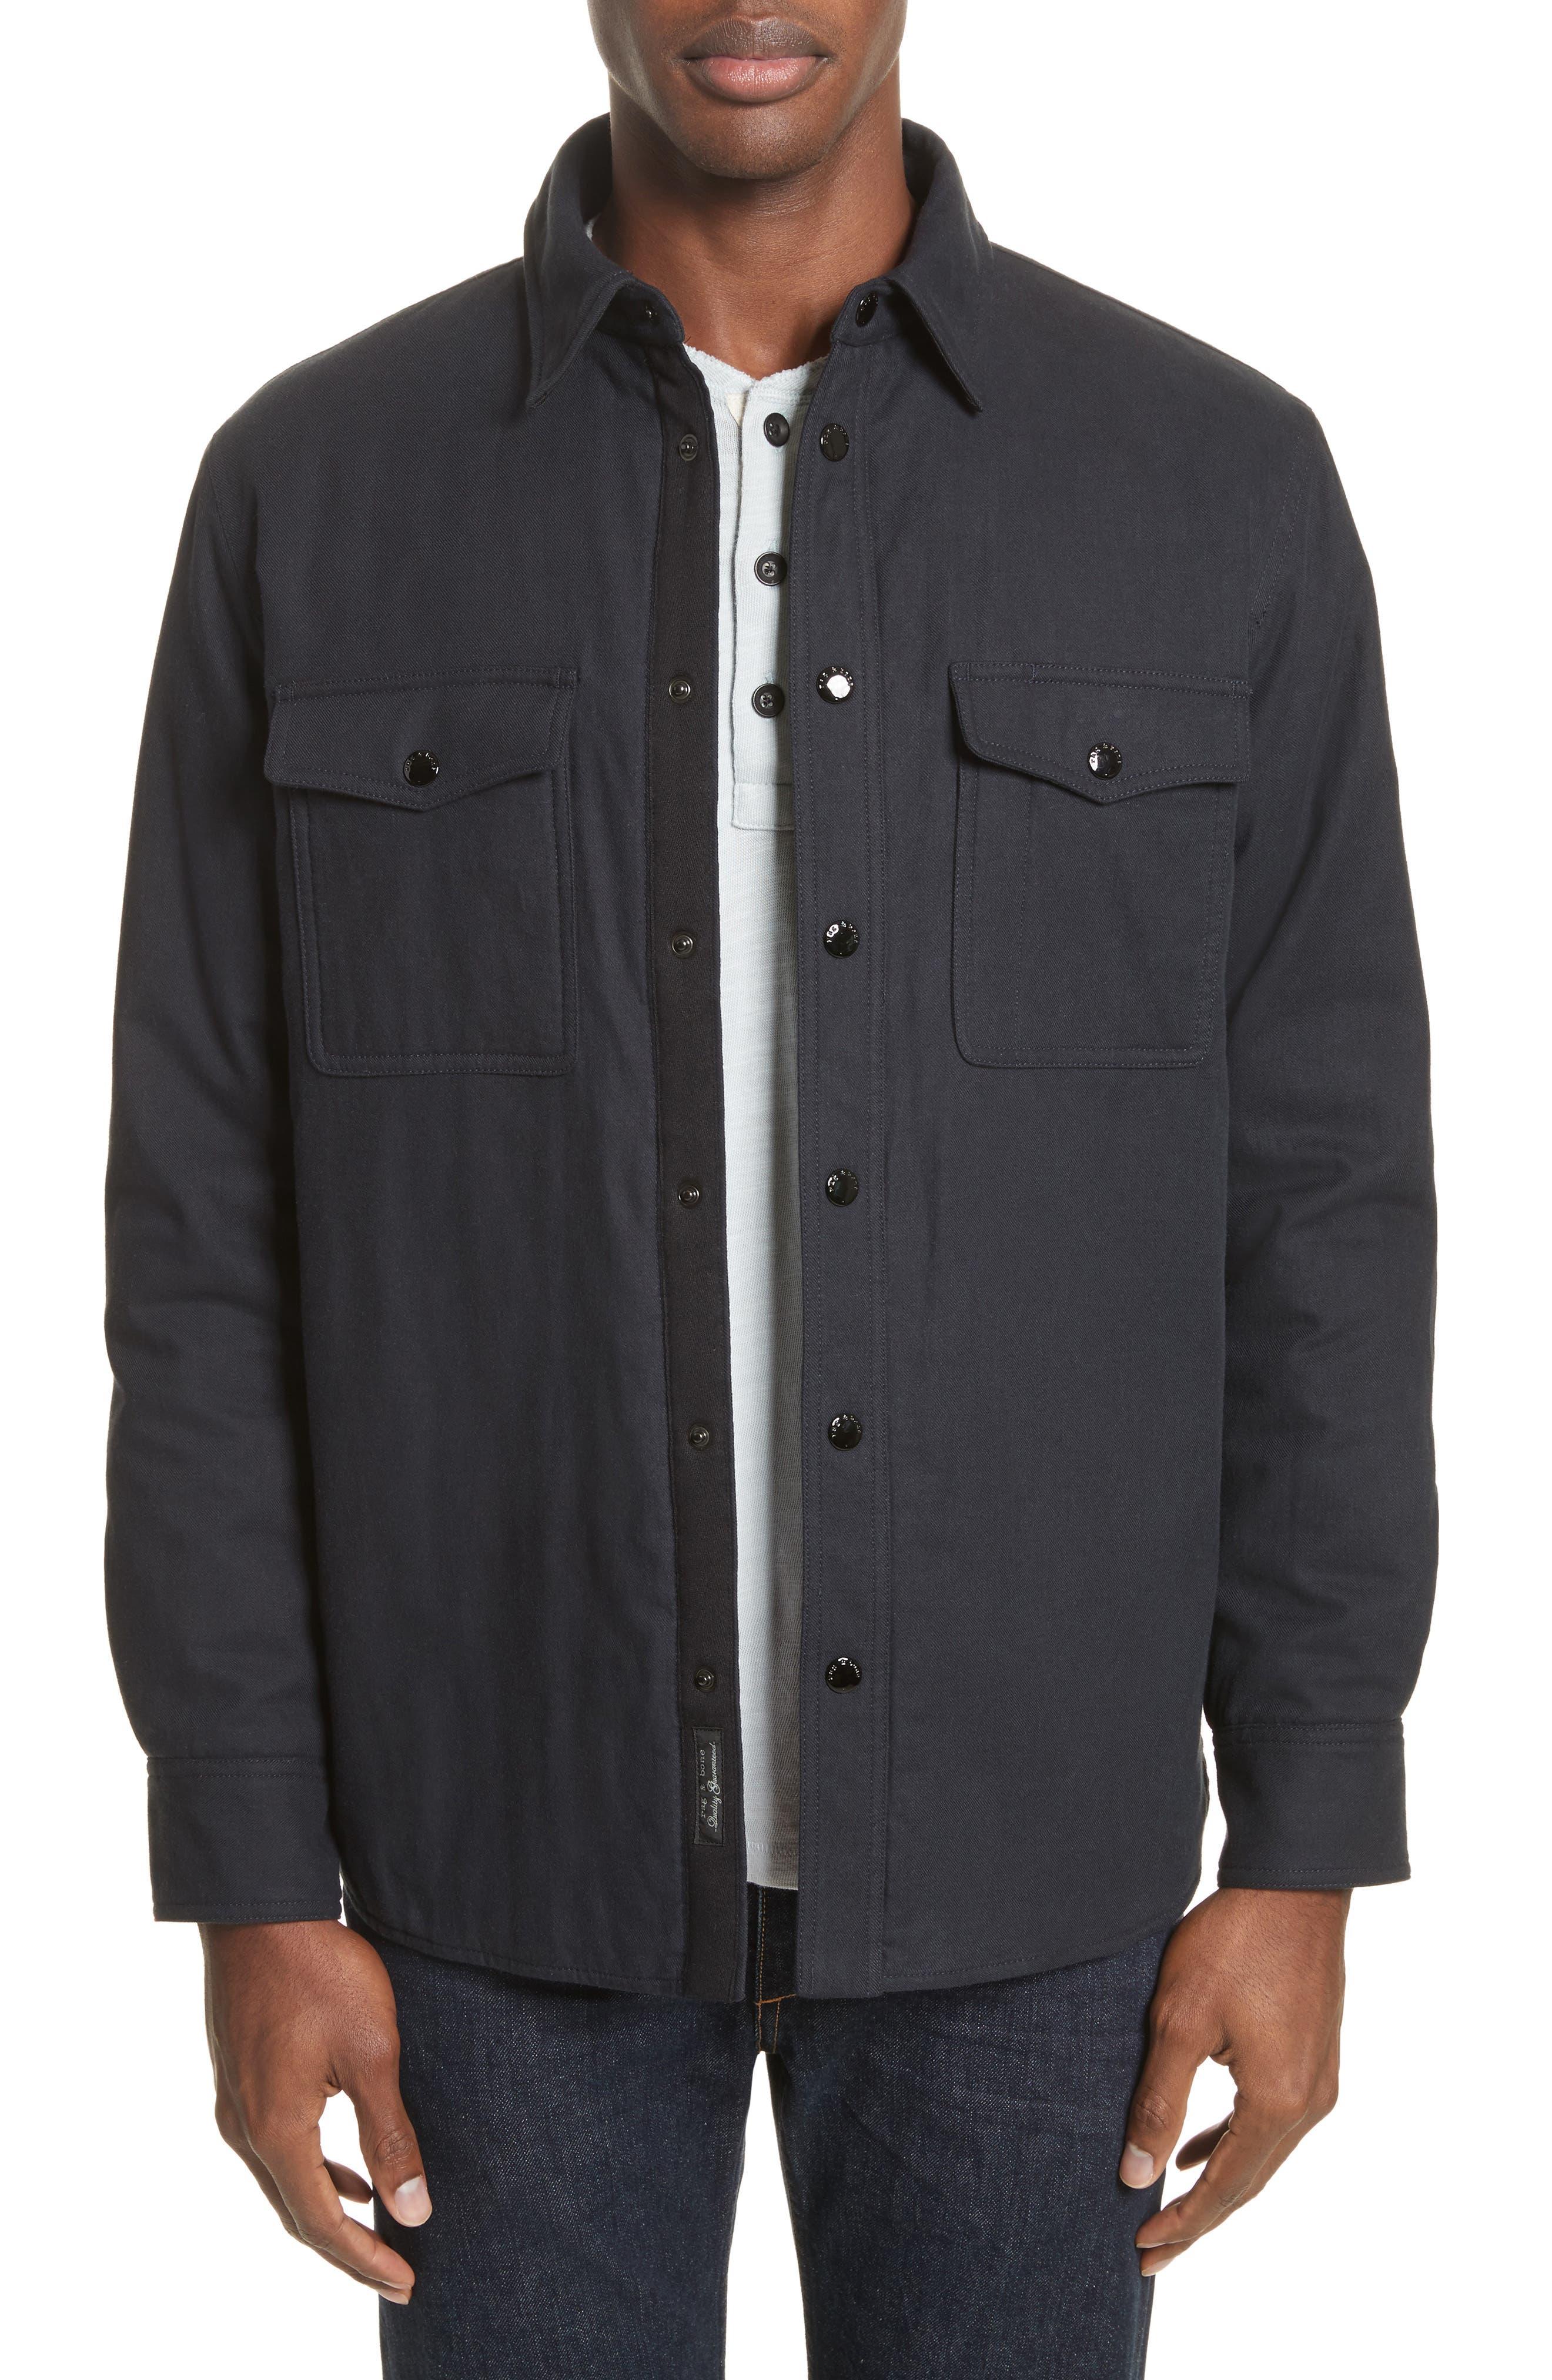 Main Image - rag & bone Jack Quilt Lined Shirt Jacket